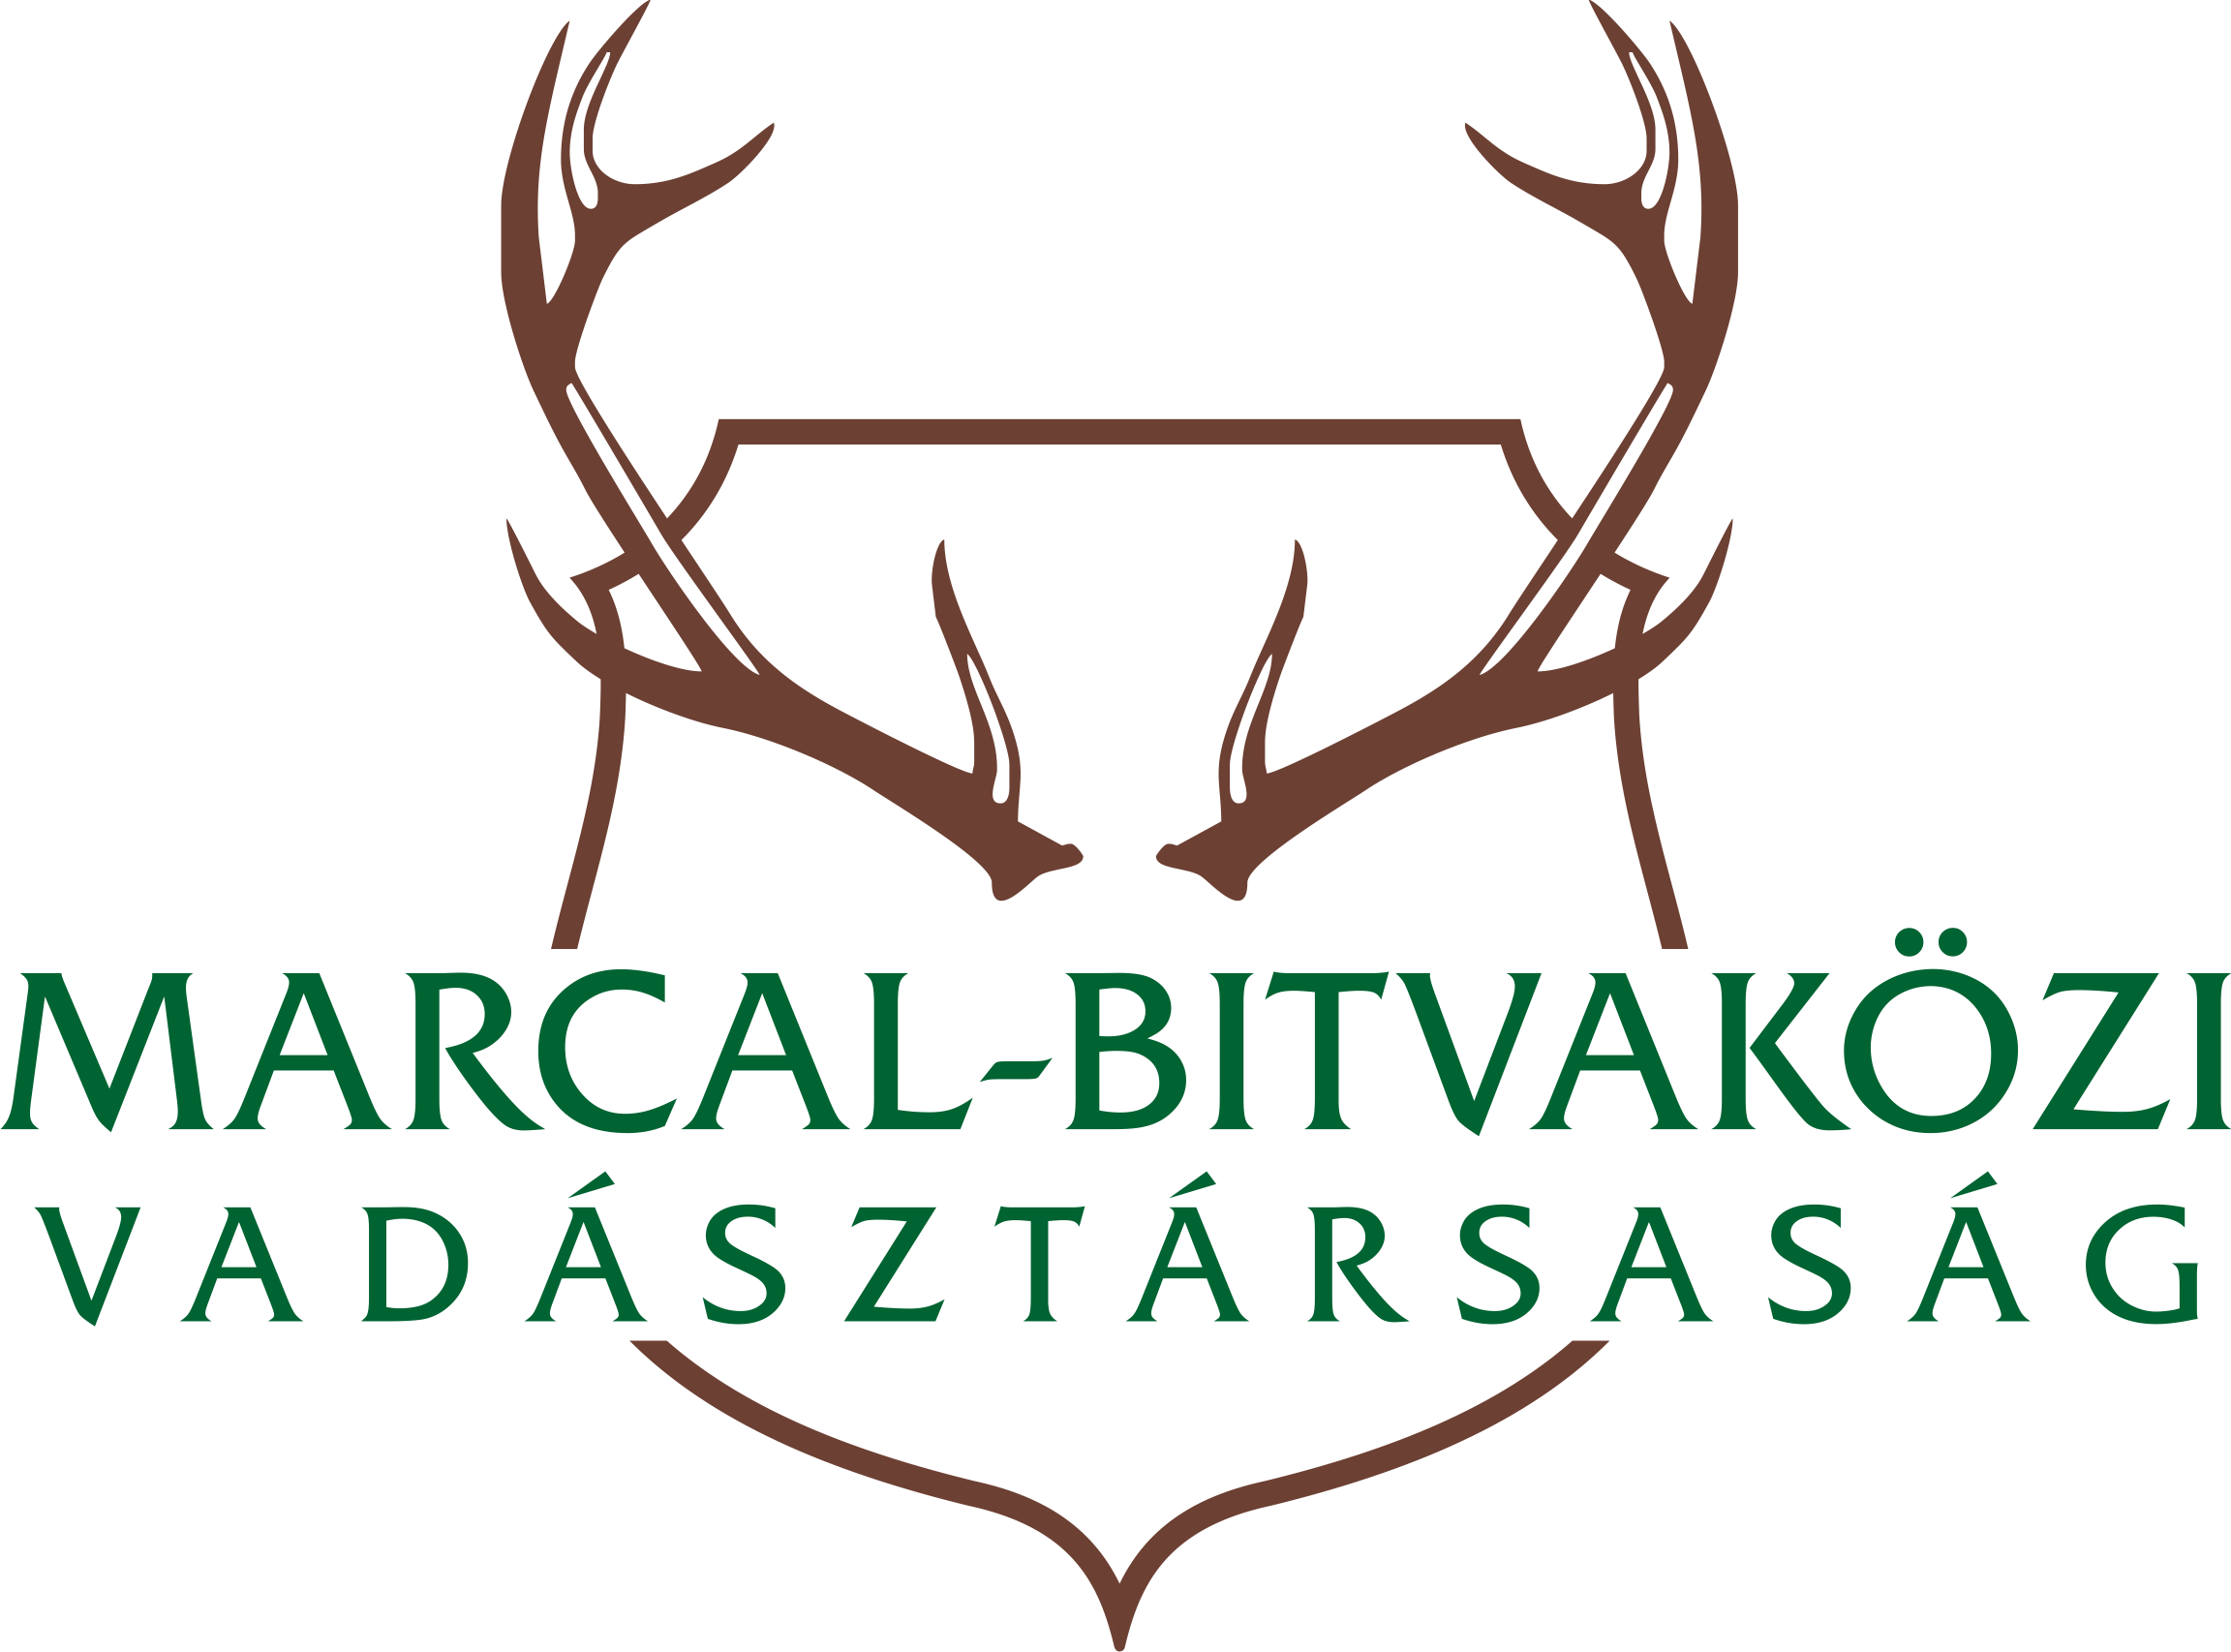 Marca-Bitvaközi Vadásztársaság